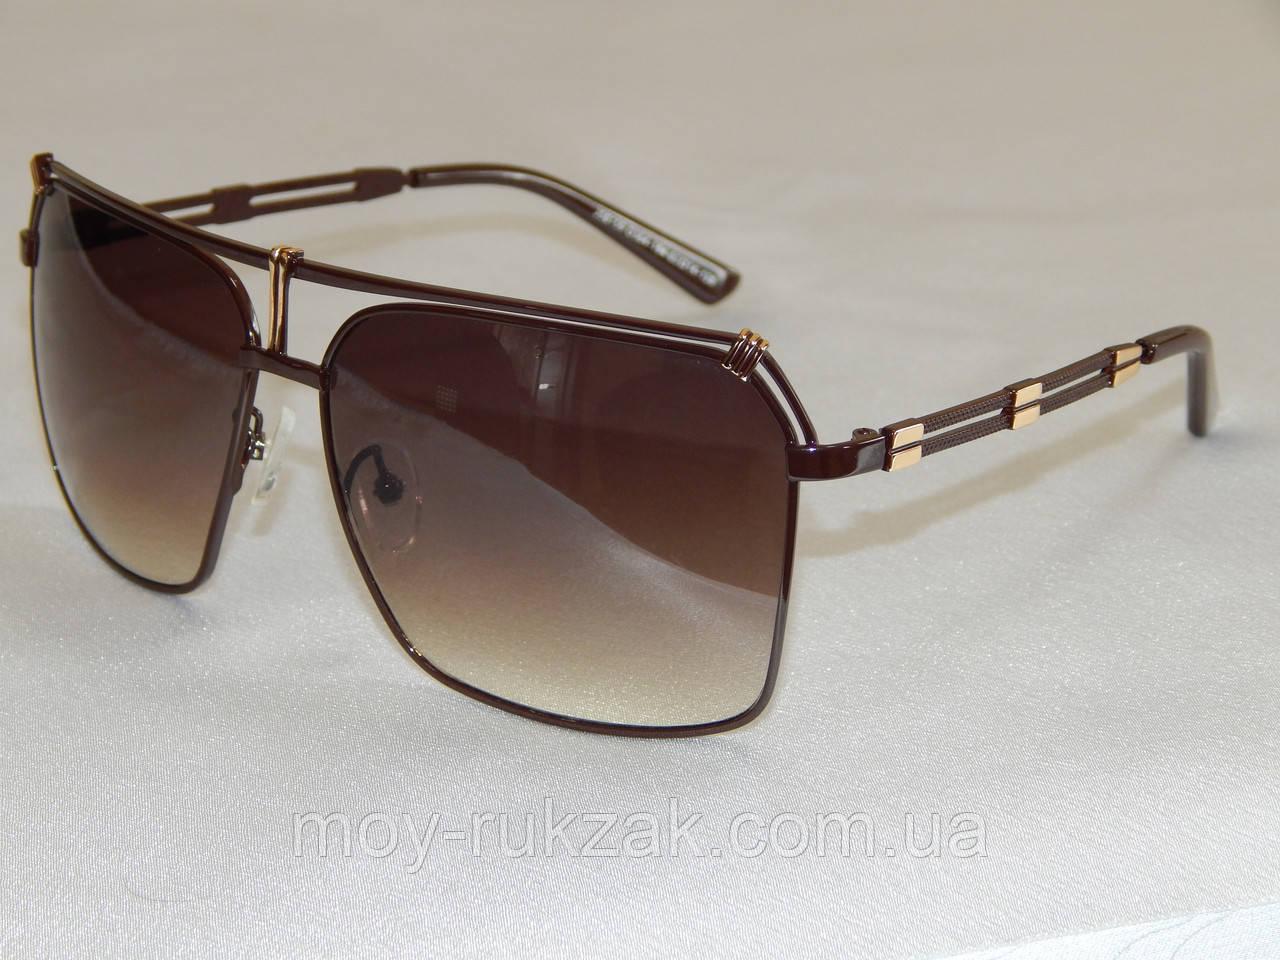 Langtemeng очки солнцезащитные коричневые 770128